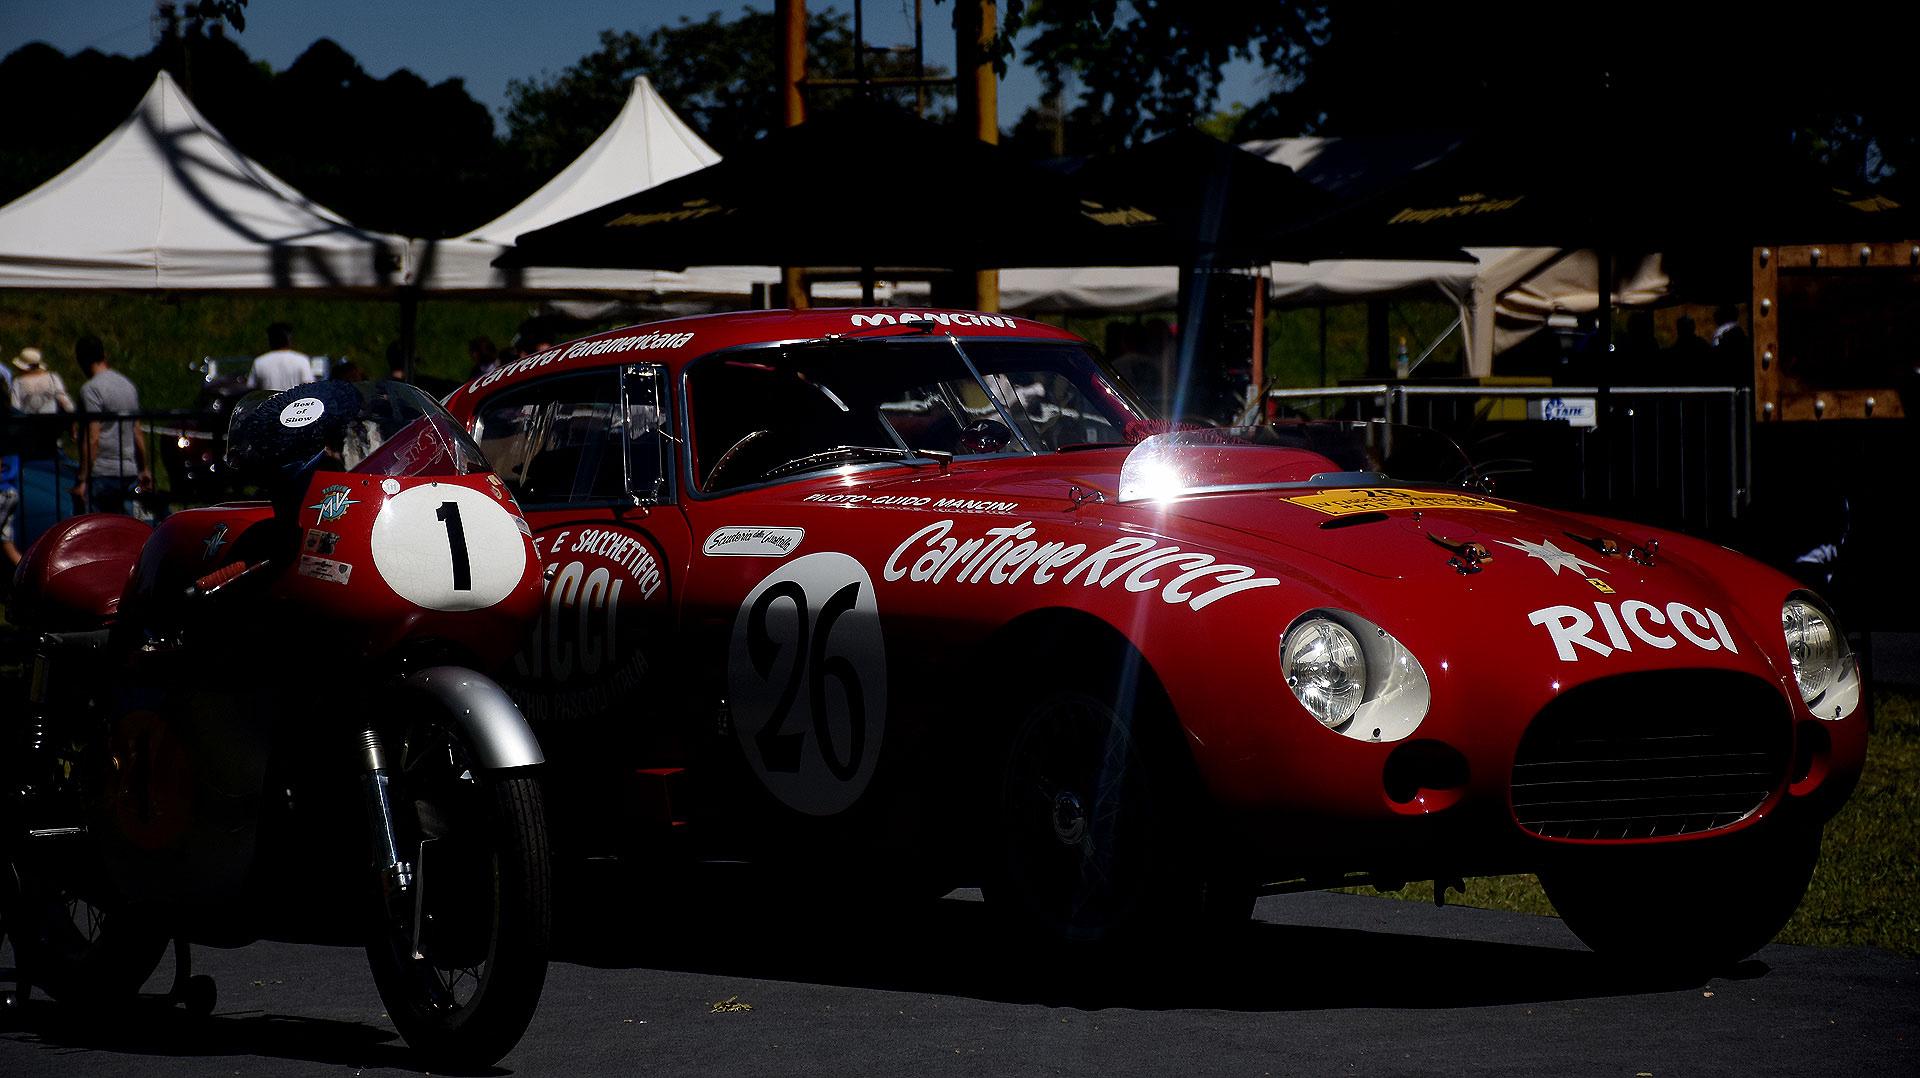 """La Ferrari 340/375 MM Berlinetta con carrocería Pinin Farina o la Ferrari """"Ricci"""" por el nombre de su publicidad se quedó con el premio """"Best of Show"""", una distinción que destaca al mejor ejemplar de Autoclásica 2018."""